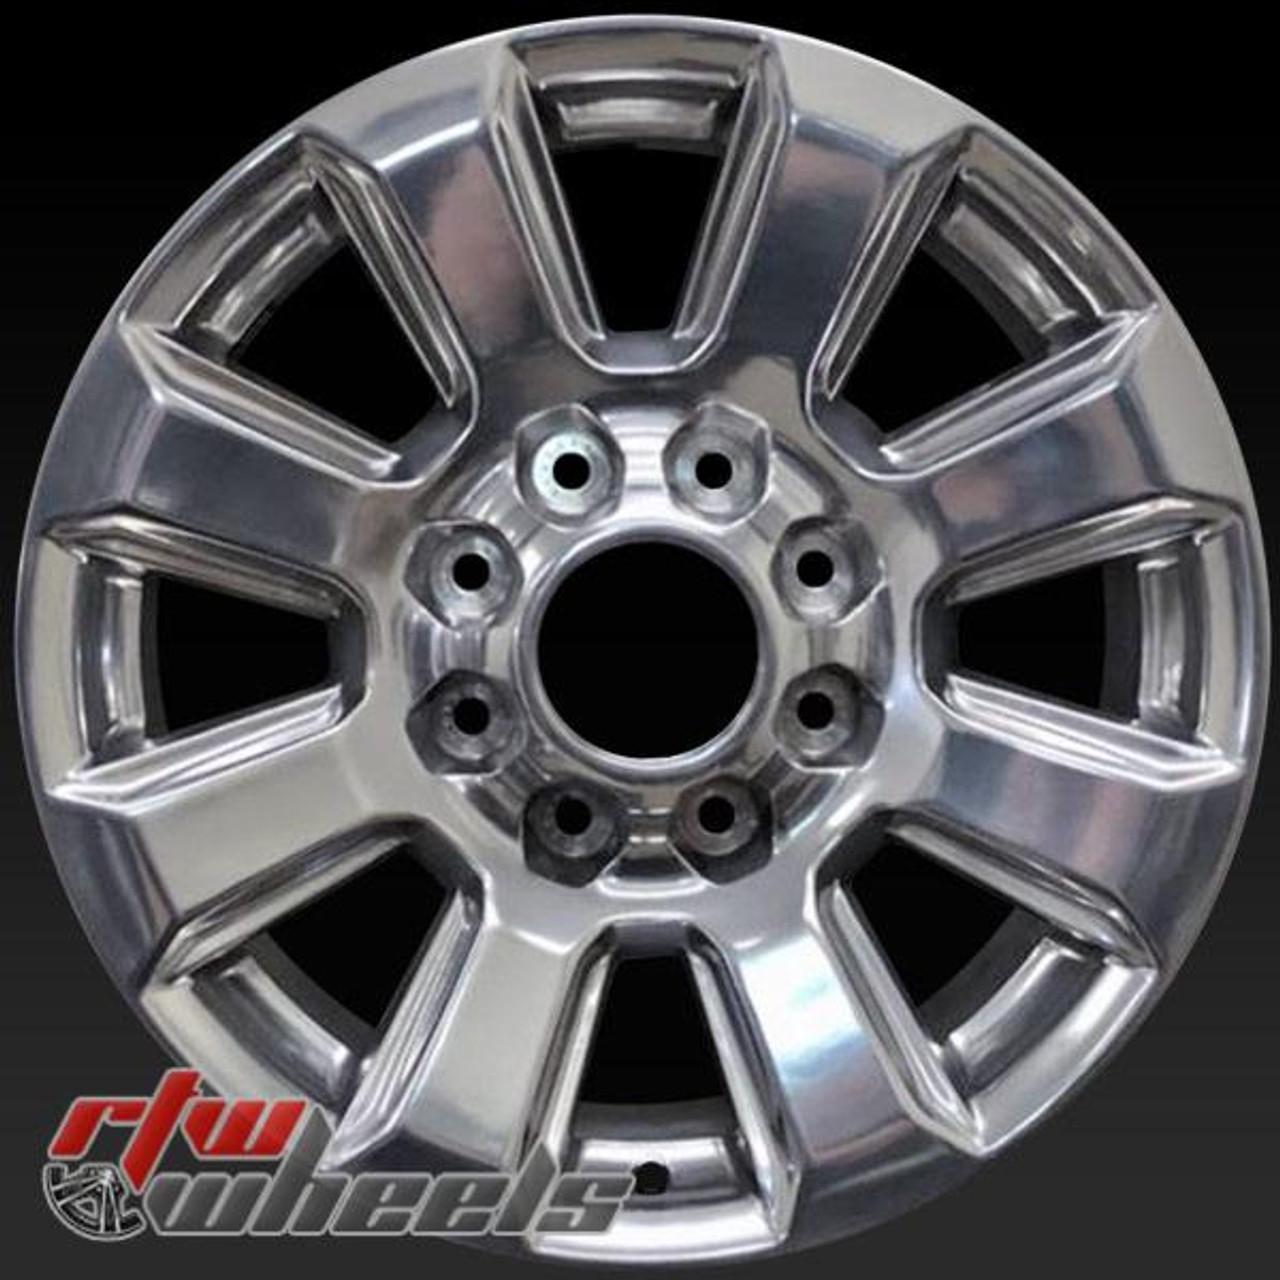 Ford F250 Wheels >> Ford F250 F350 Oem Wheels 2017 2018 20 Polished Rims 10102